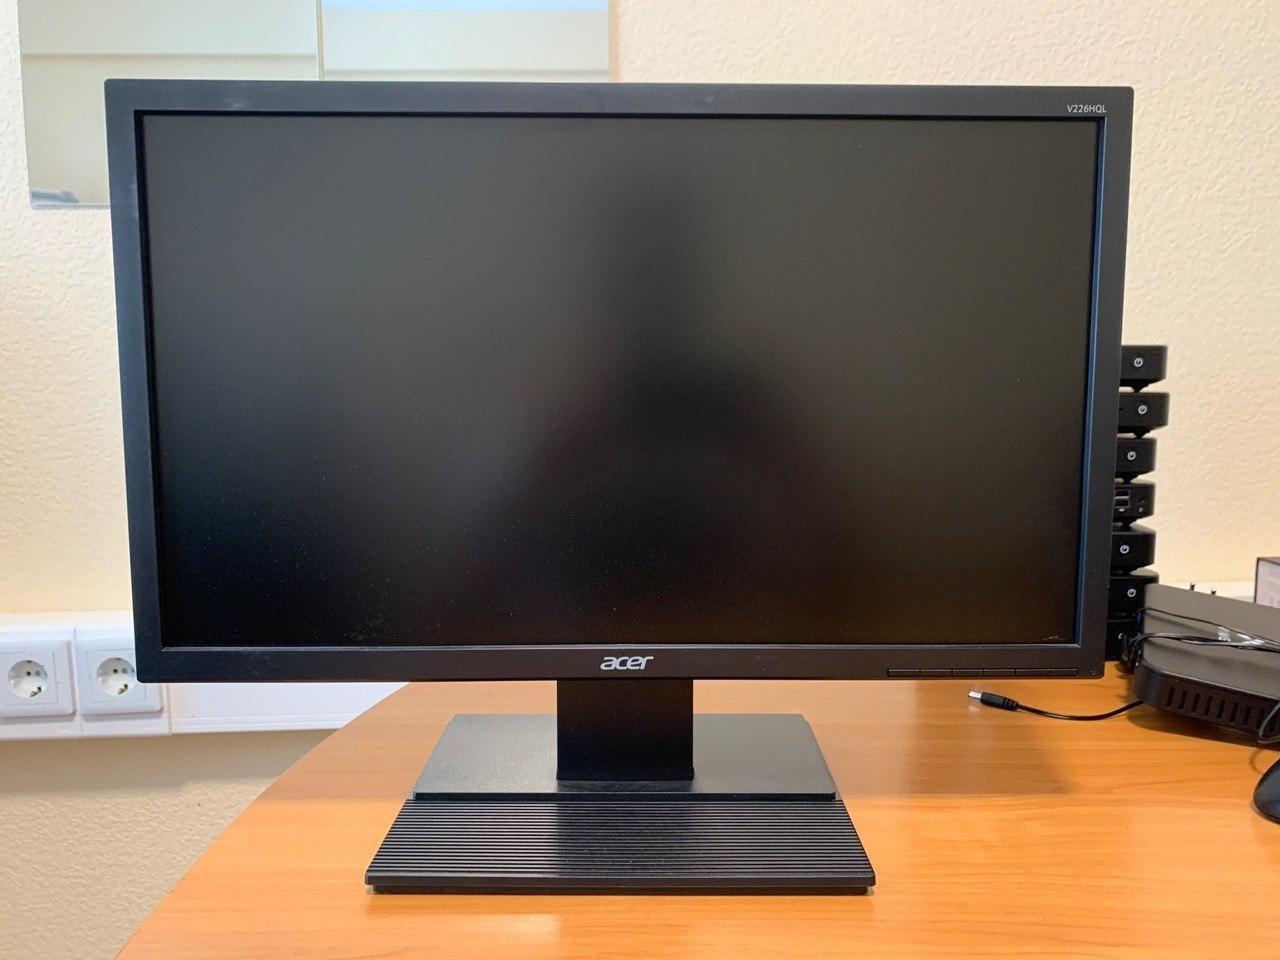 Широкоформатный компьютерный TFT монитор б/у Acer V226HQL VGA 21,5 дюйма с разрешением 1920x1080